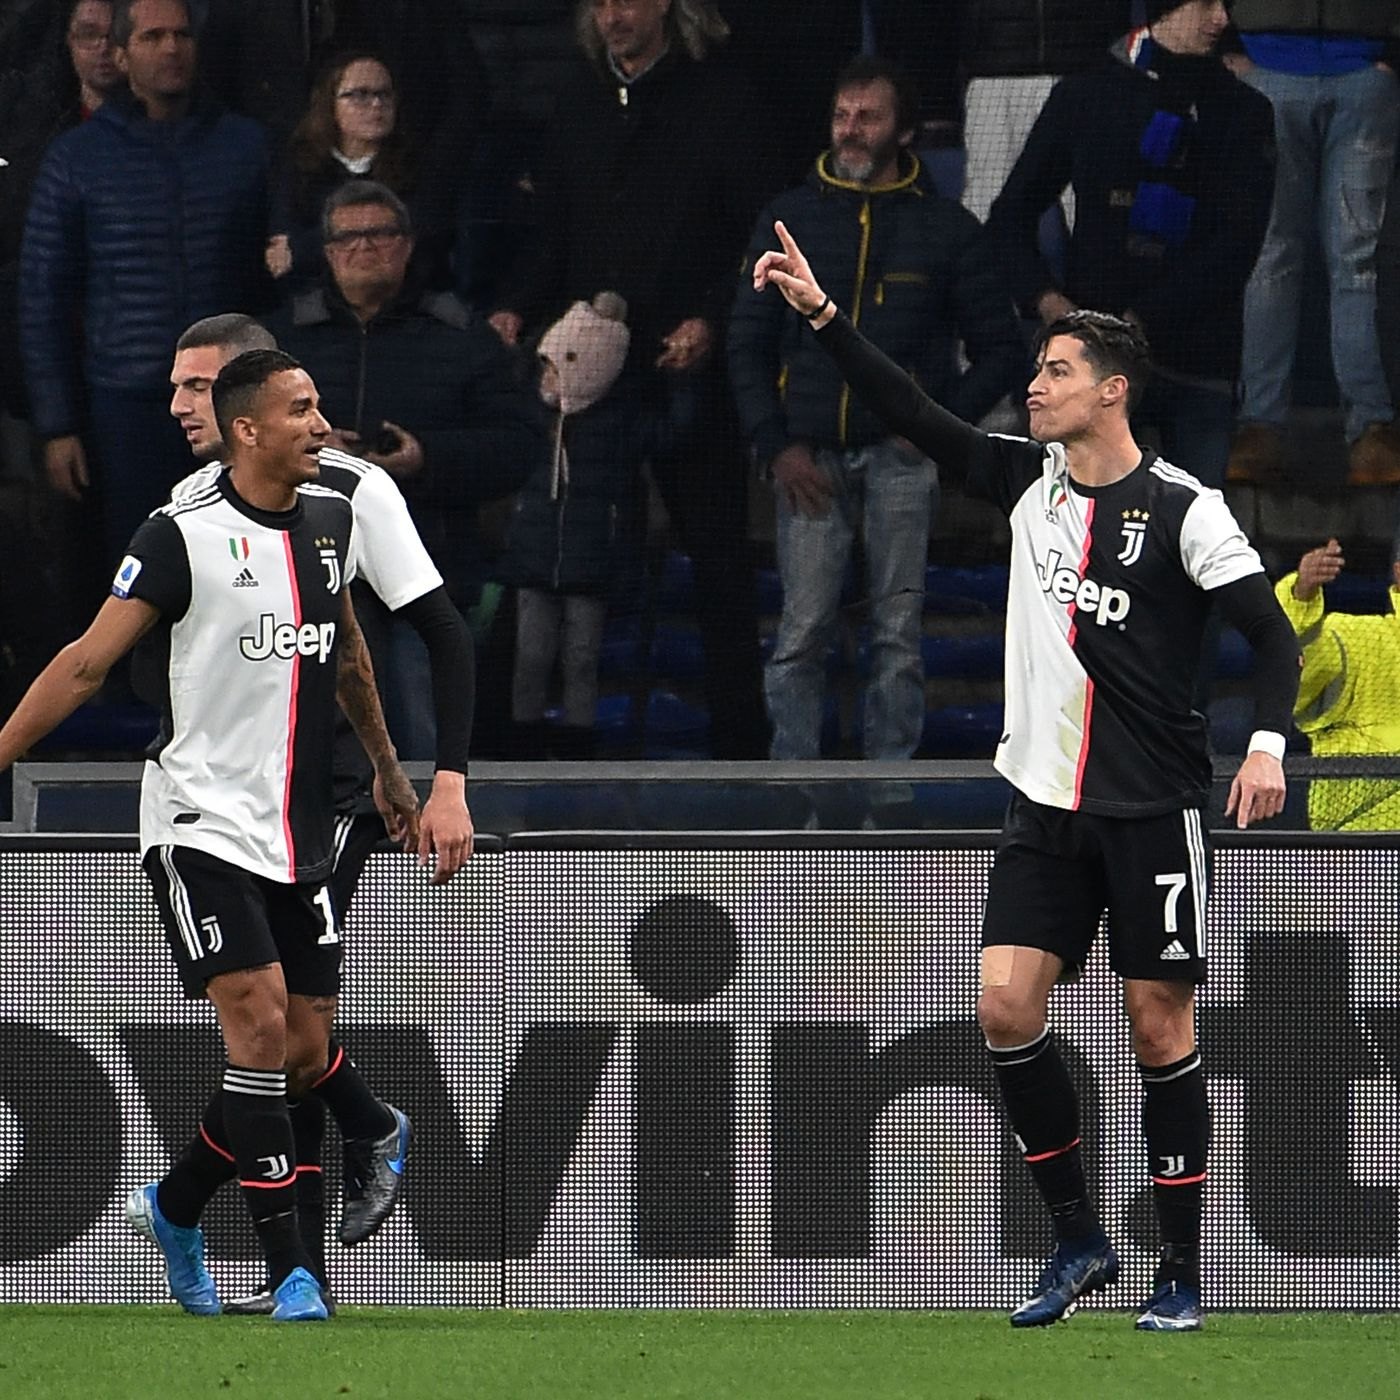 Super goals sink Samp as Juve break Marassi curse - Black & White ...